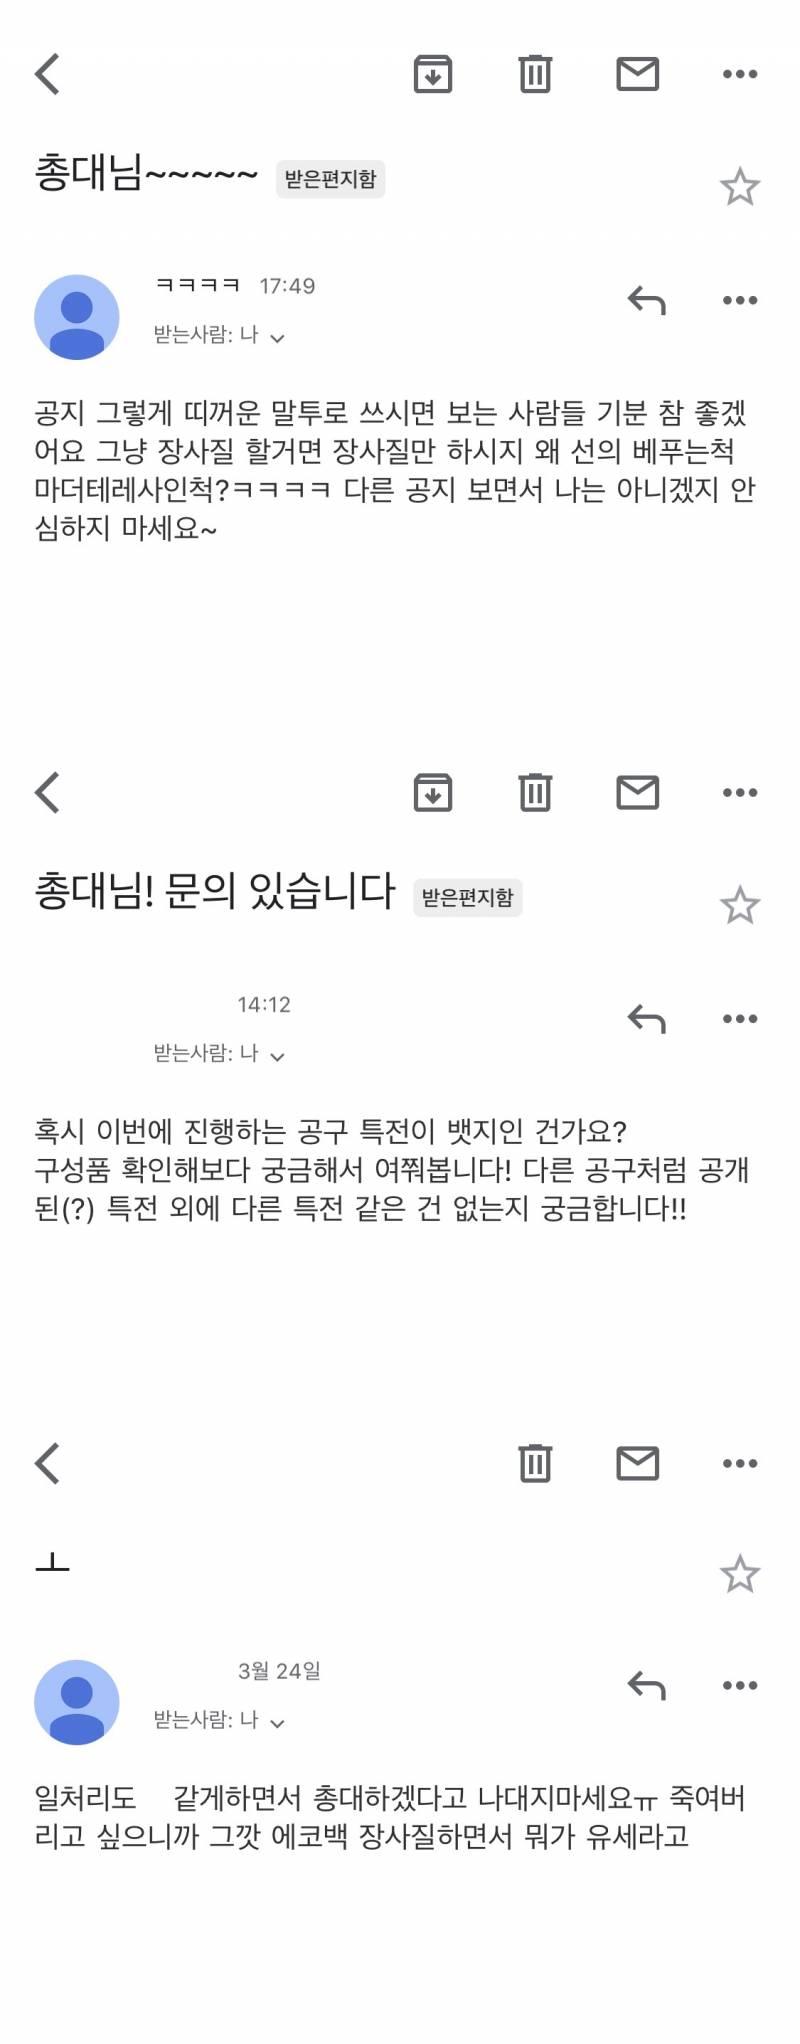 방탄소년단) 모노 에코백 배송 공지 및 사적 공지 | 인스티즈